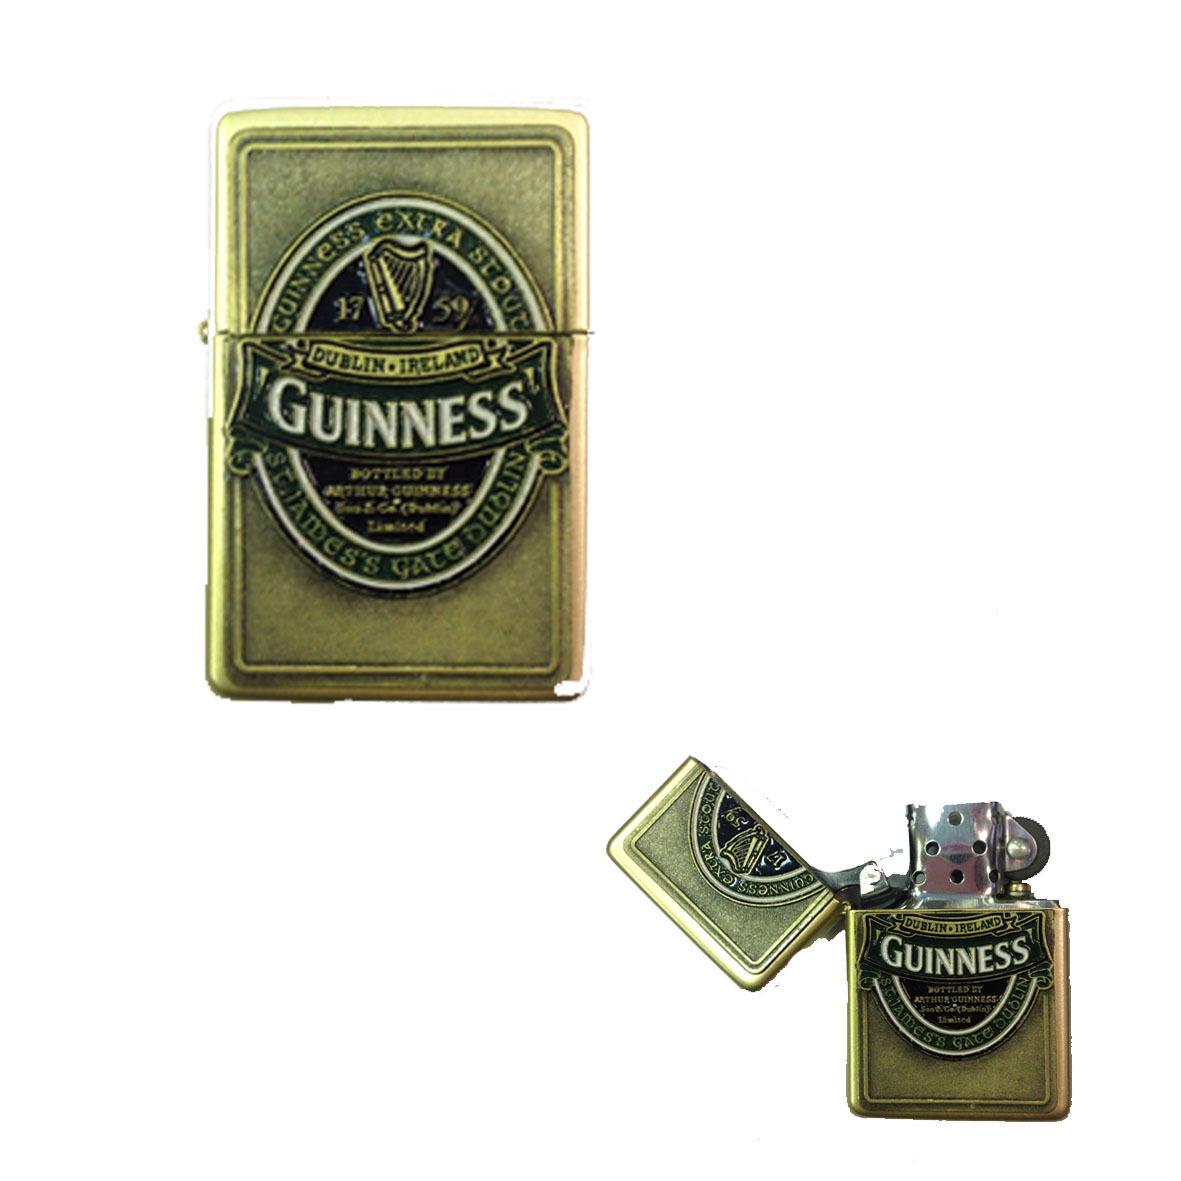 Accendino Guinness dorato simil accendino americano con logo in rilievo laccato